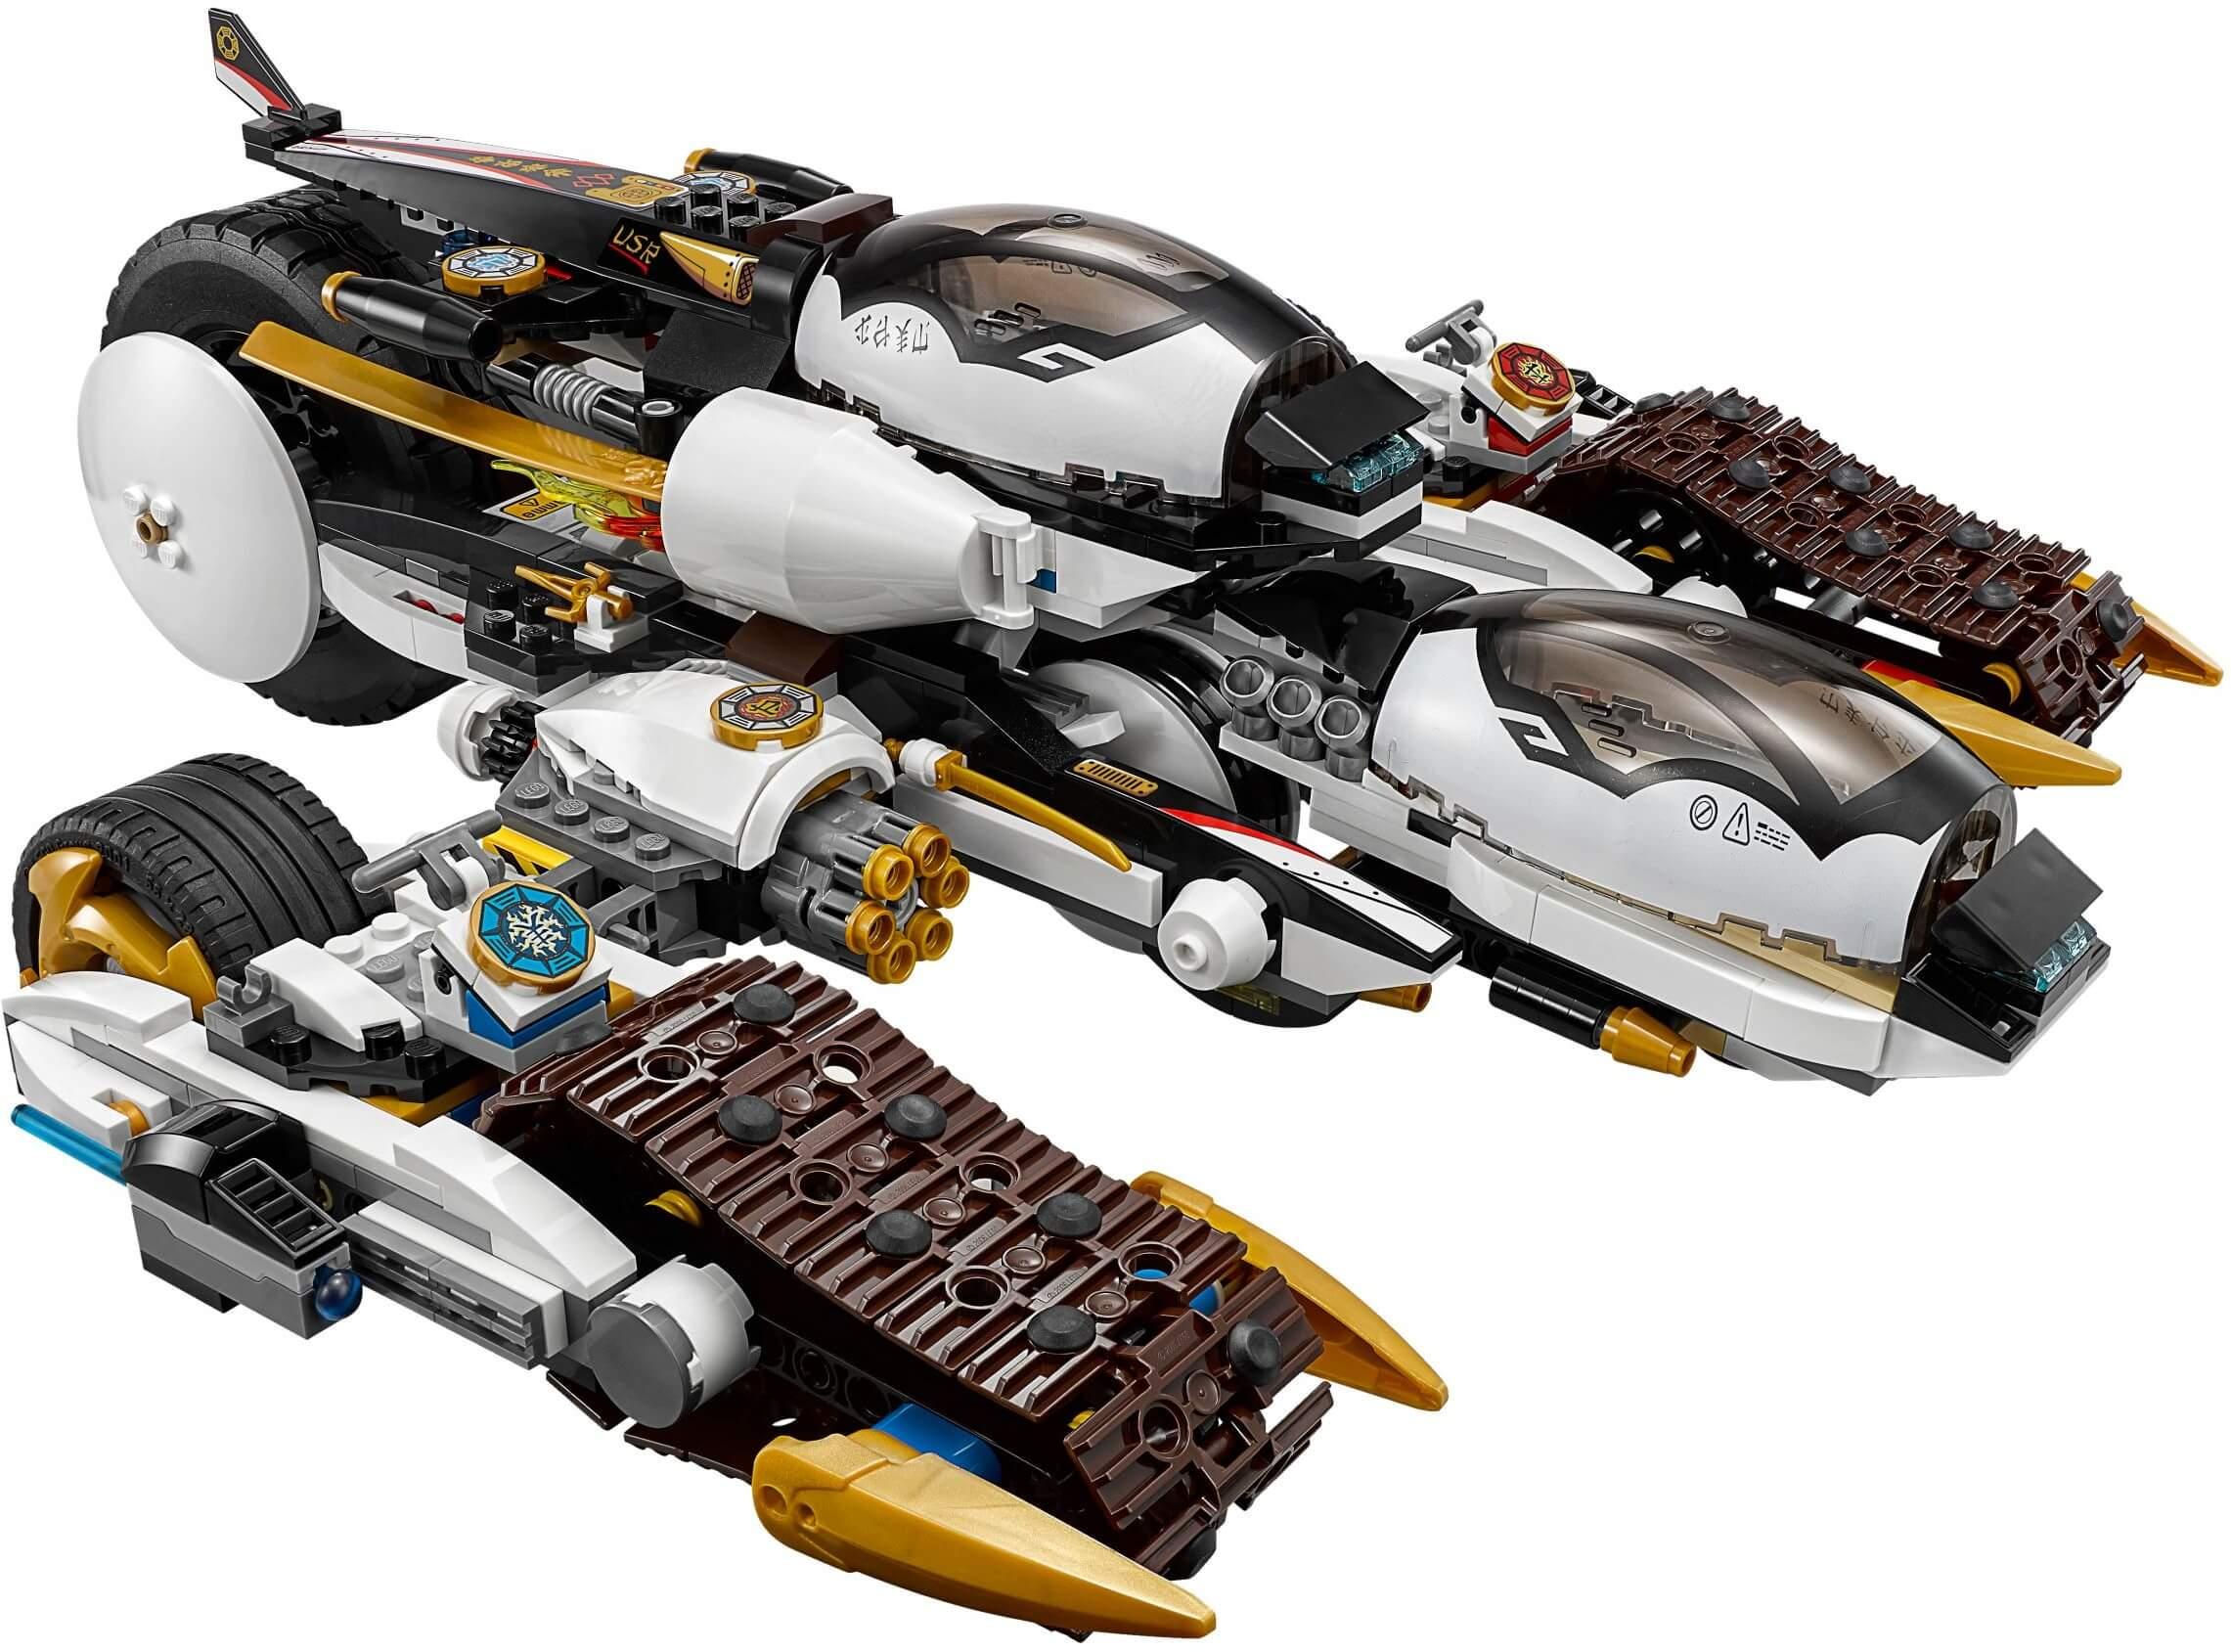 Mua đồ chơi LEGO 70595 - LEGO Ninjago 70595 - Chiến Xa Tàng Hình của các Ninja (LEGO Ninjago Ultra Stealth Raider 70595)